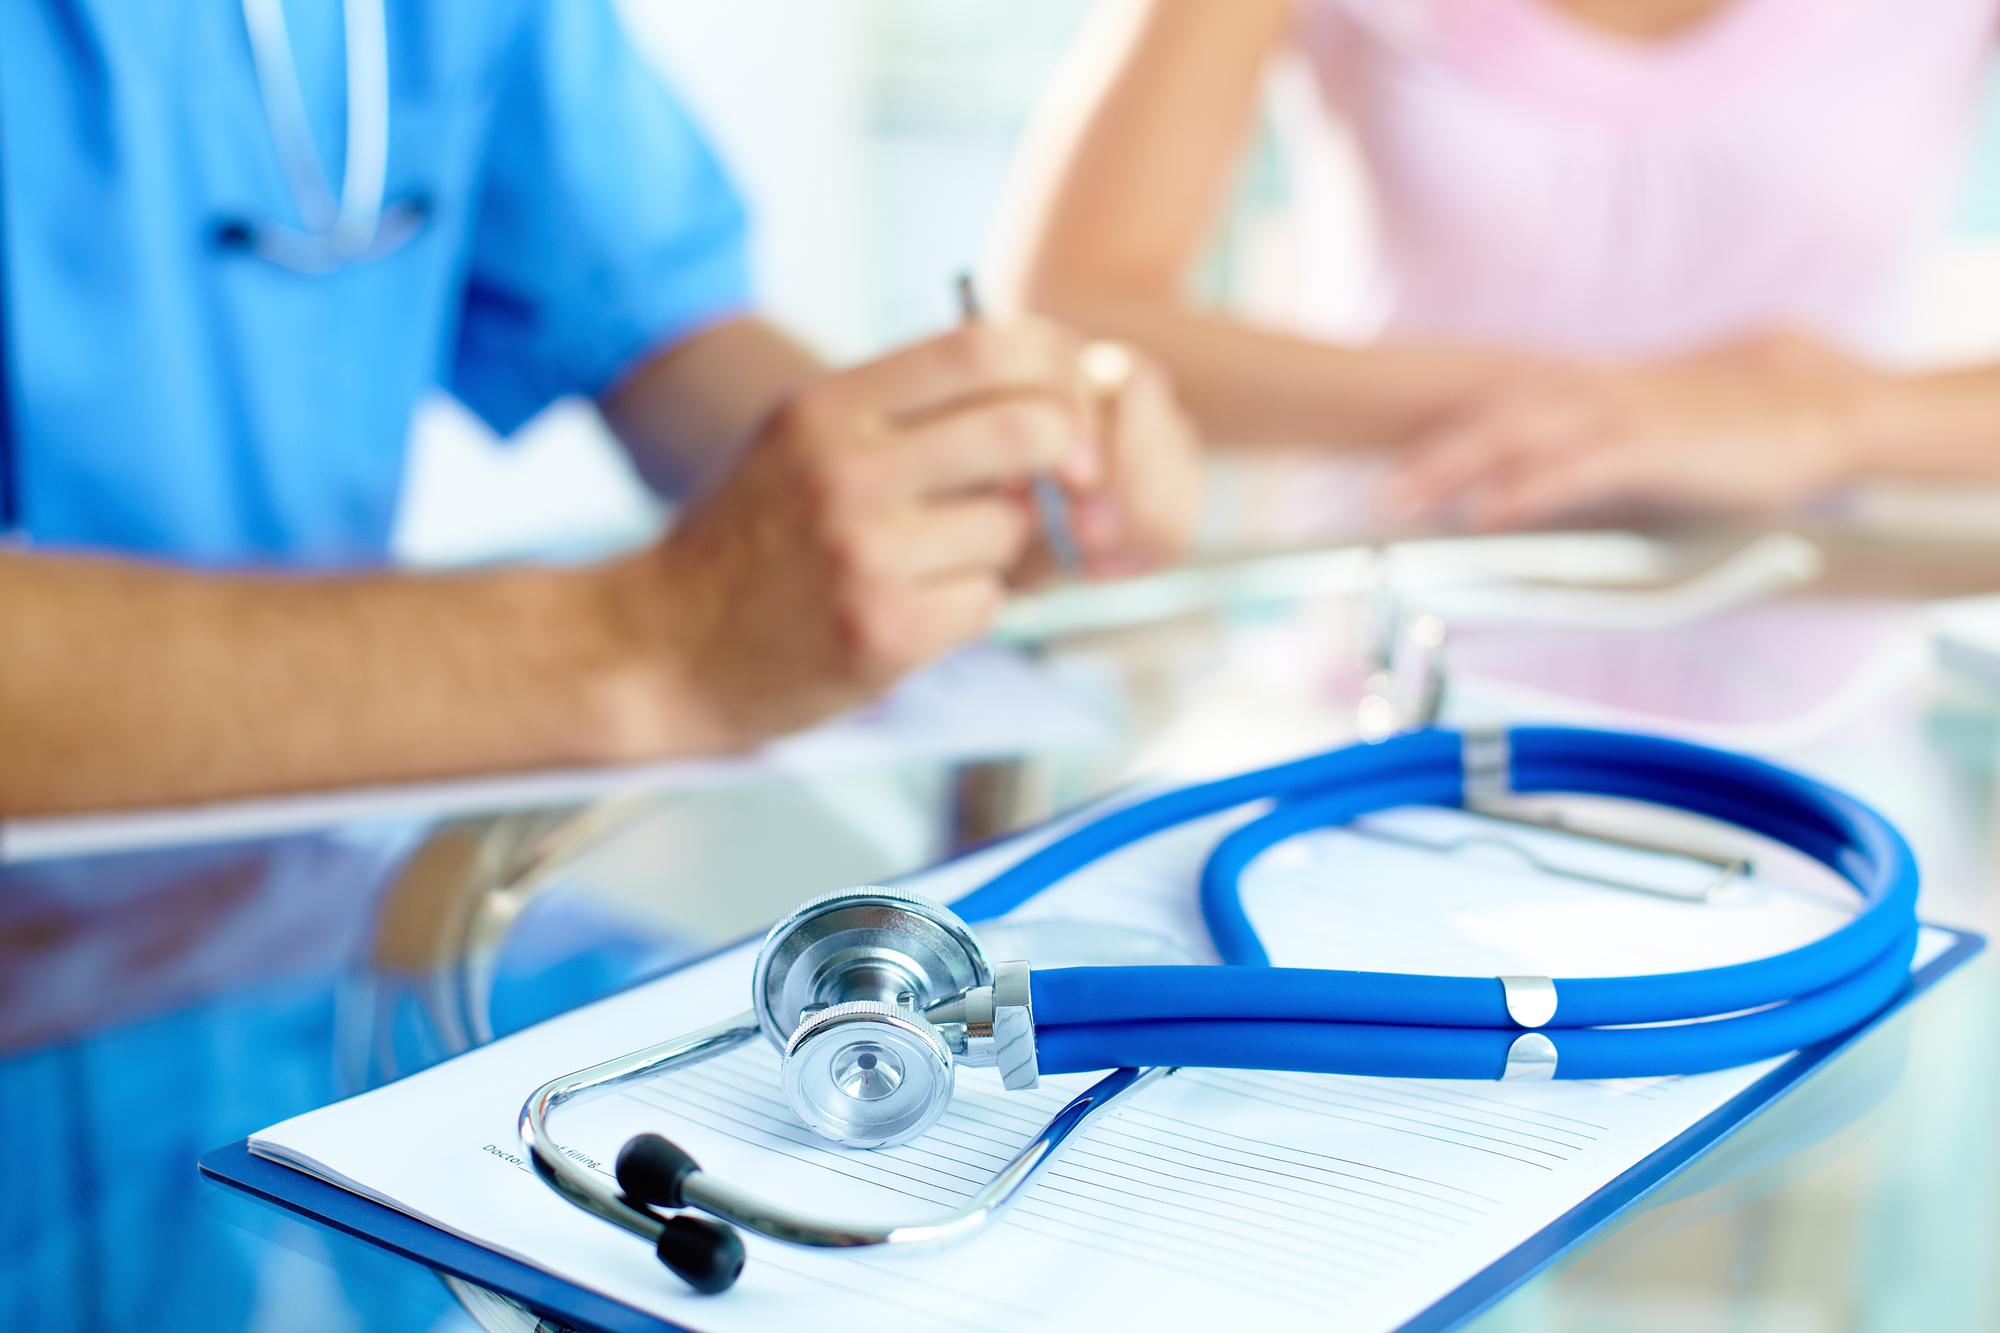 L'aide médicale à mourir: une loi incomprise